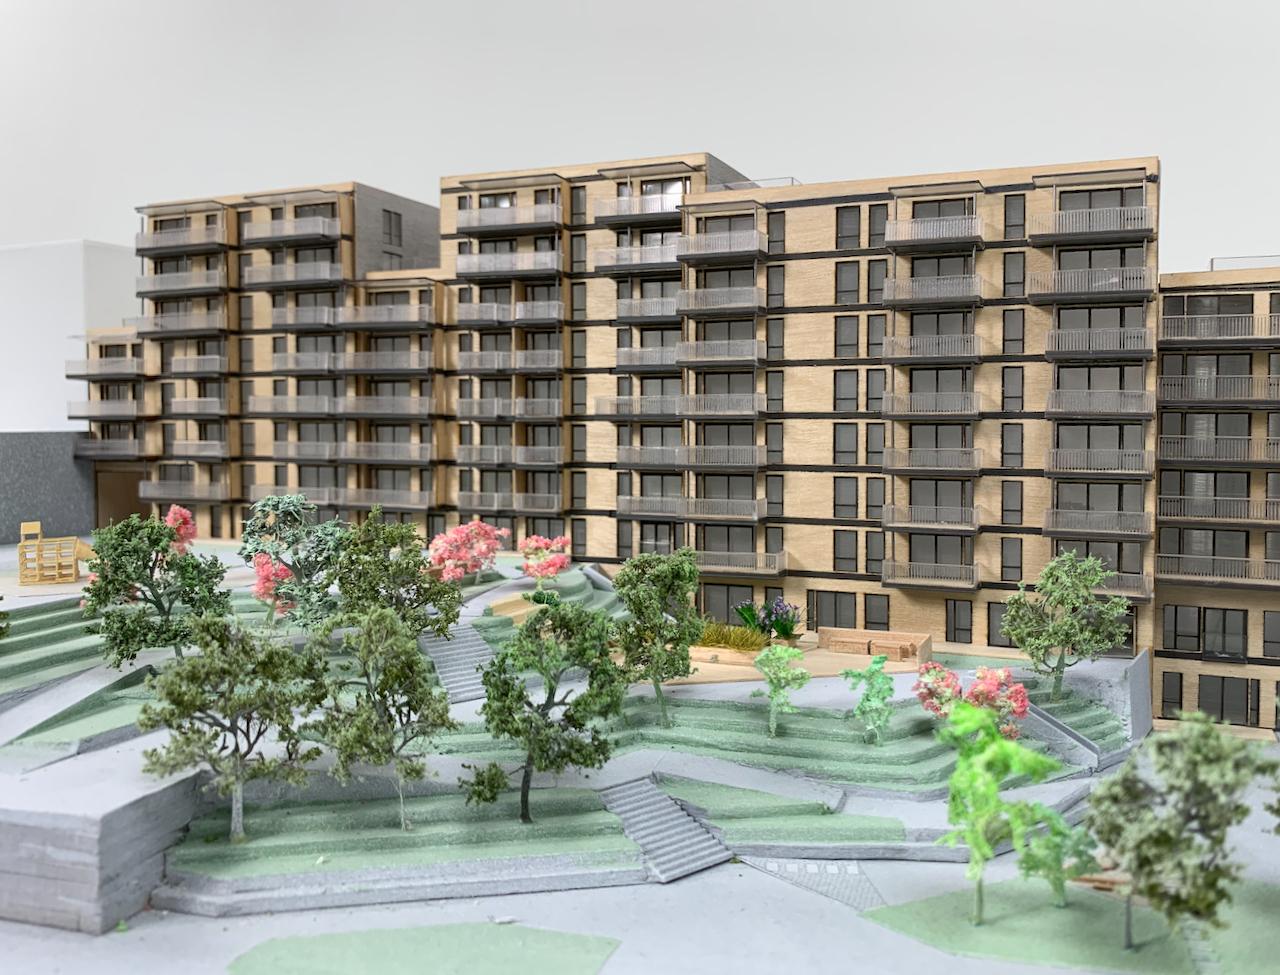 Borgen på Løren - modell i 1:200